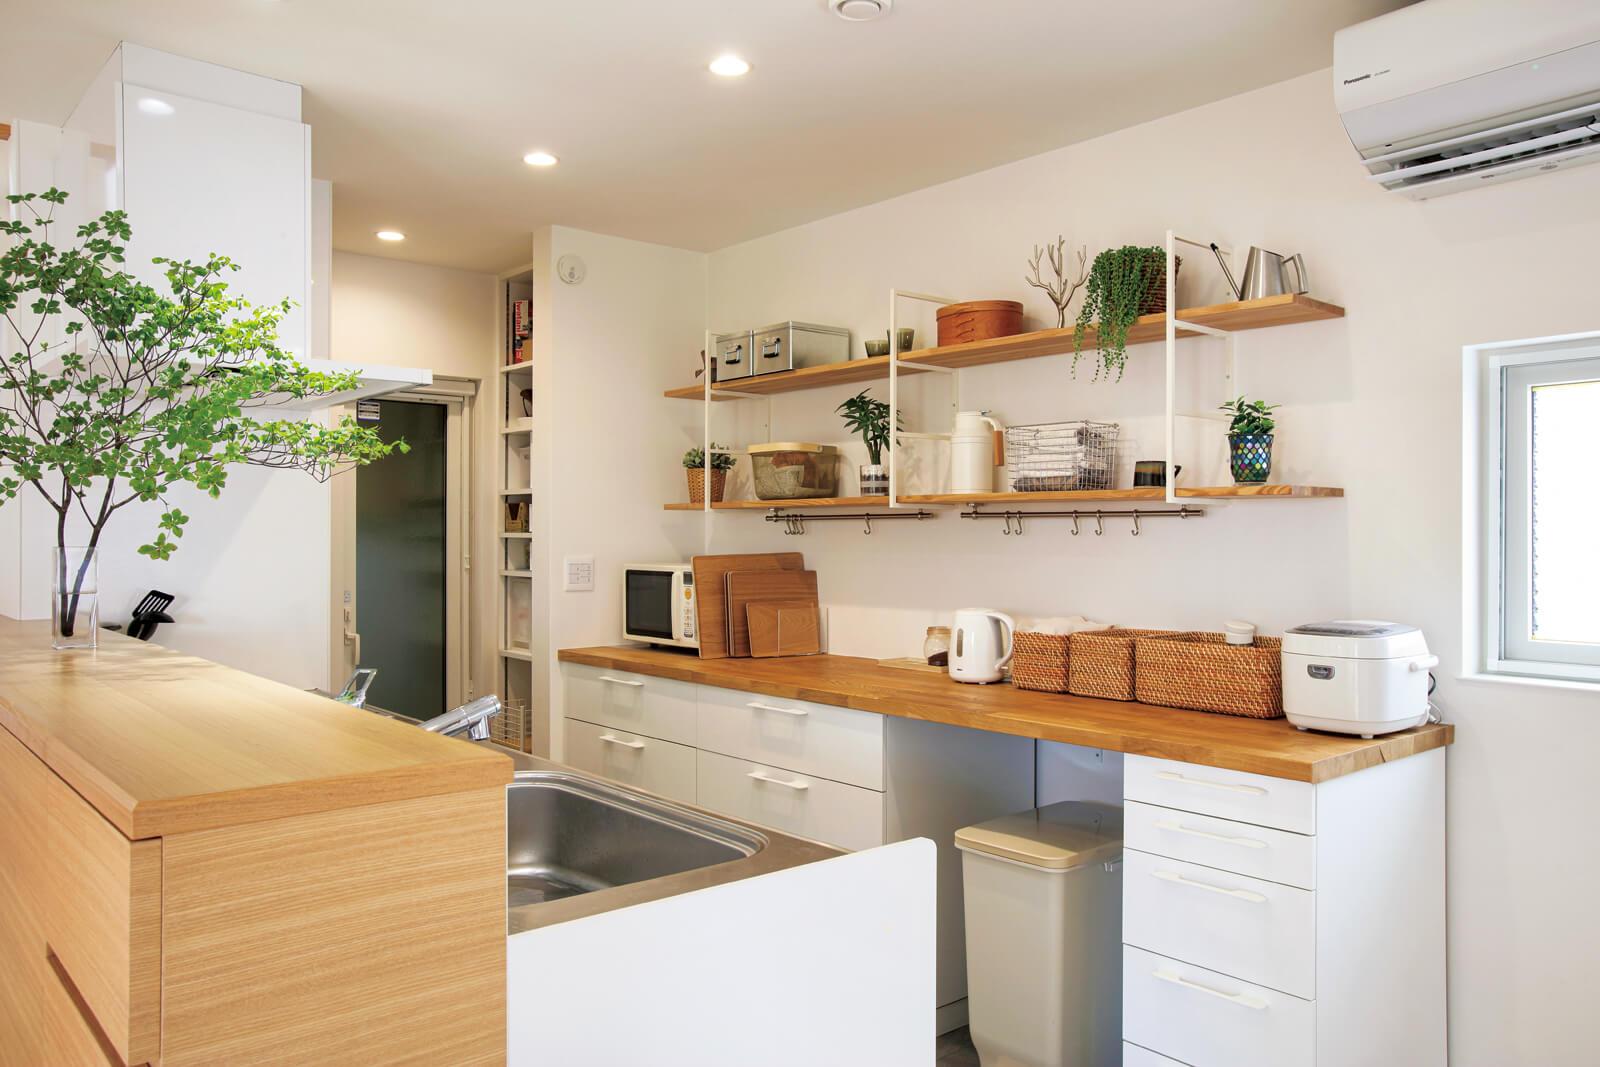 白で統一したこだわりのキッチン。奥行きのある背面カウンターは持ち込み家具